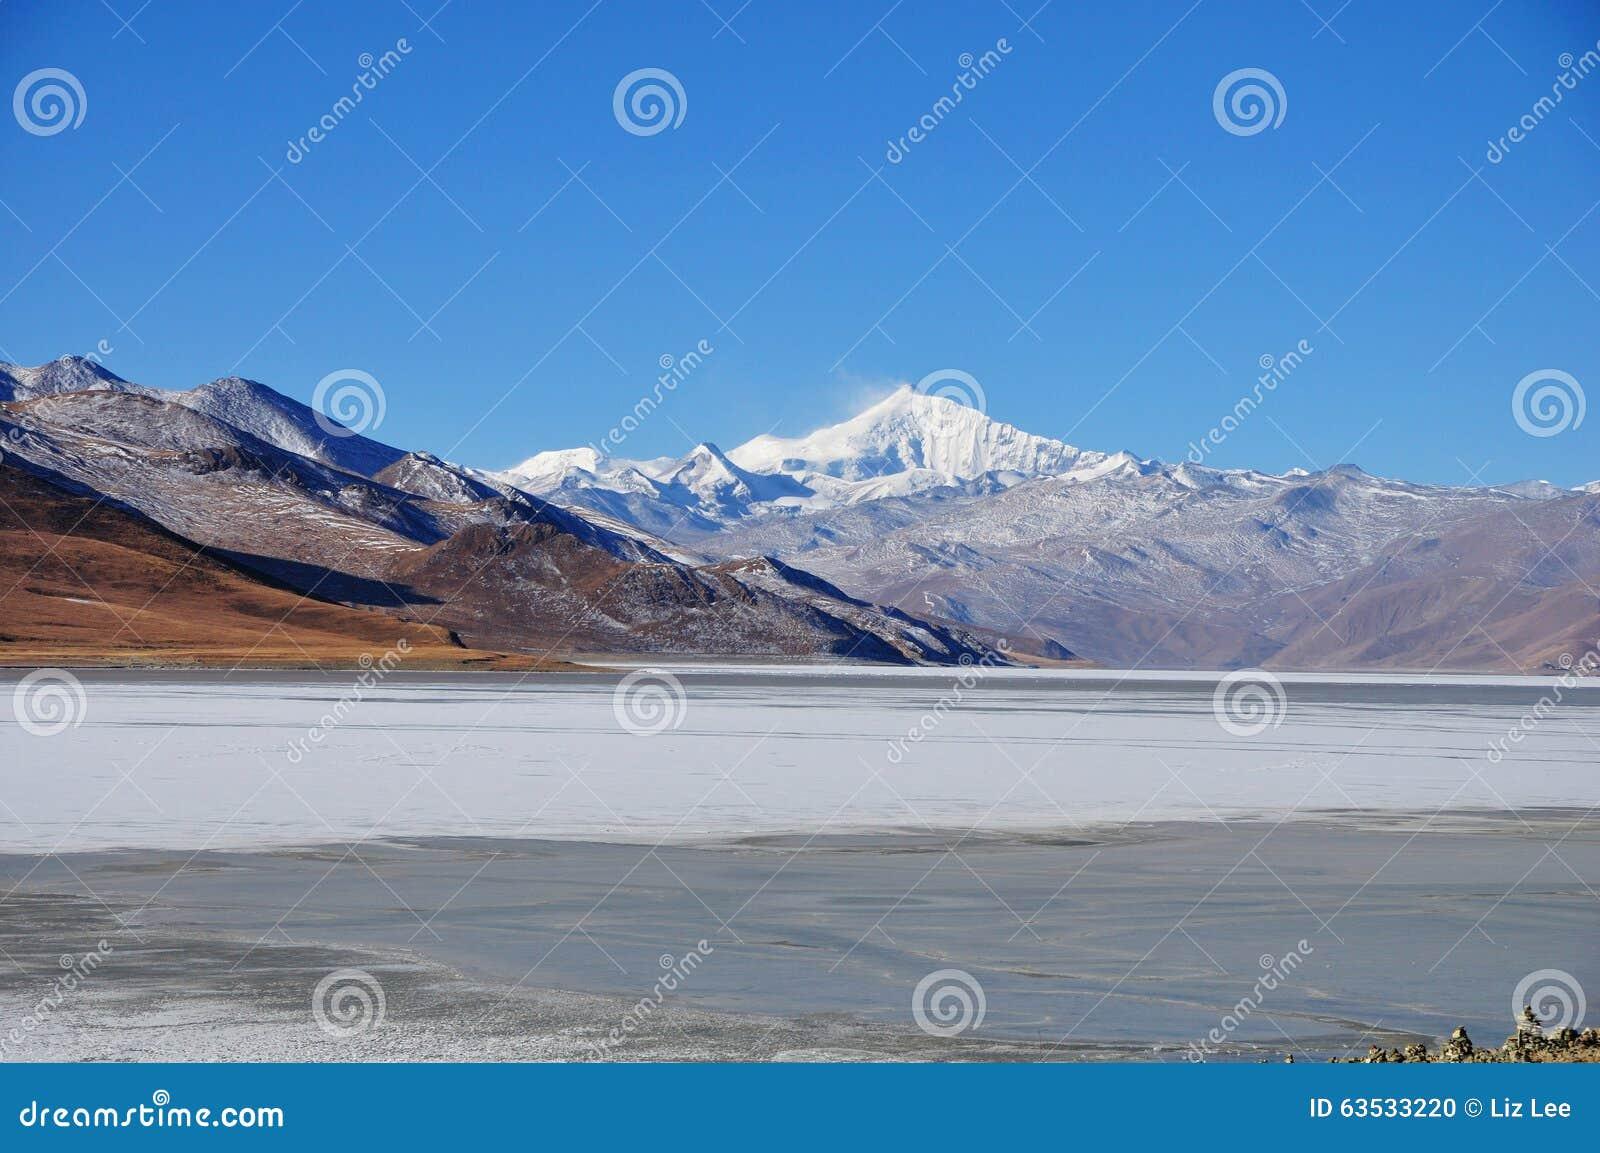 Snow Mountain and Frozen Lake